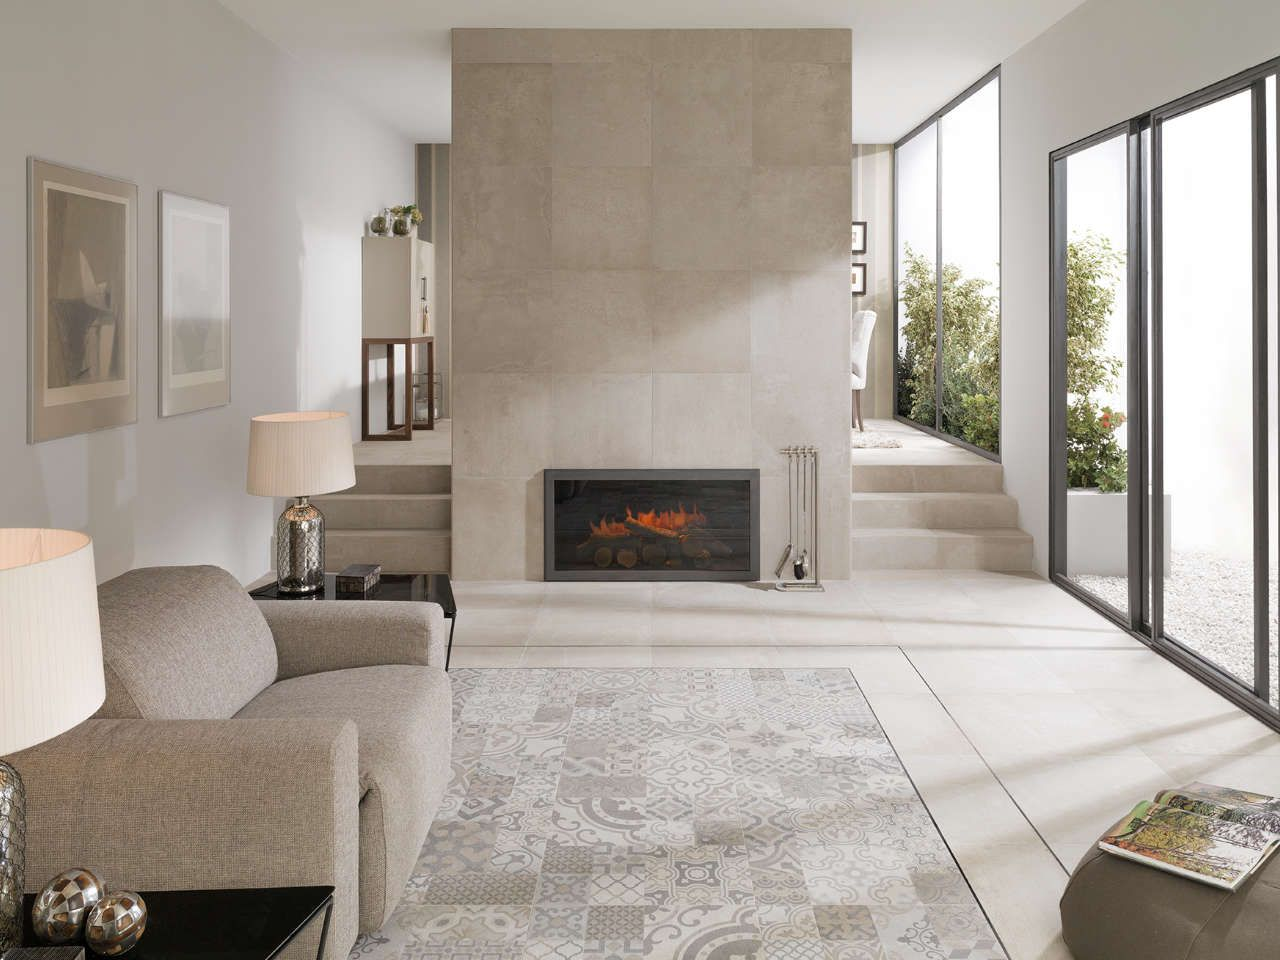 pierre en c ramique connu comme la pierre en c ramique de porcelanosa le produit ston ker. Black Bedroom Furniture Sets. Home Design Ideas